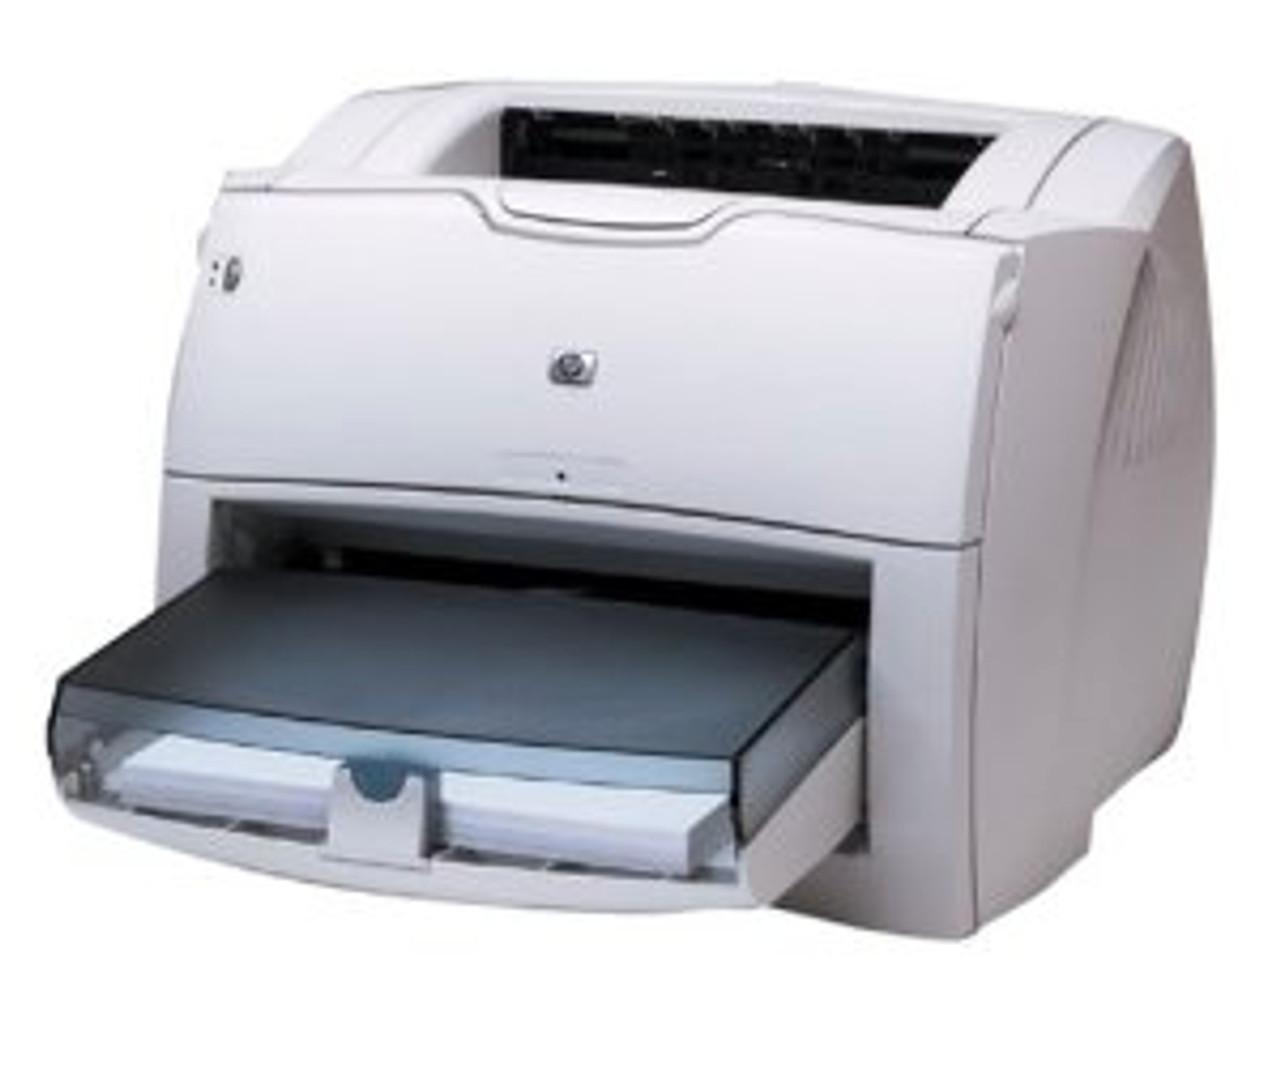 HP LaserJet 1300 - Q1334A - HP Laser Printer for sale